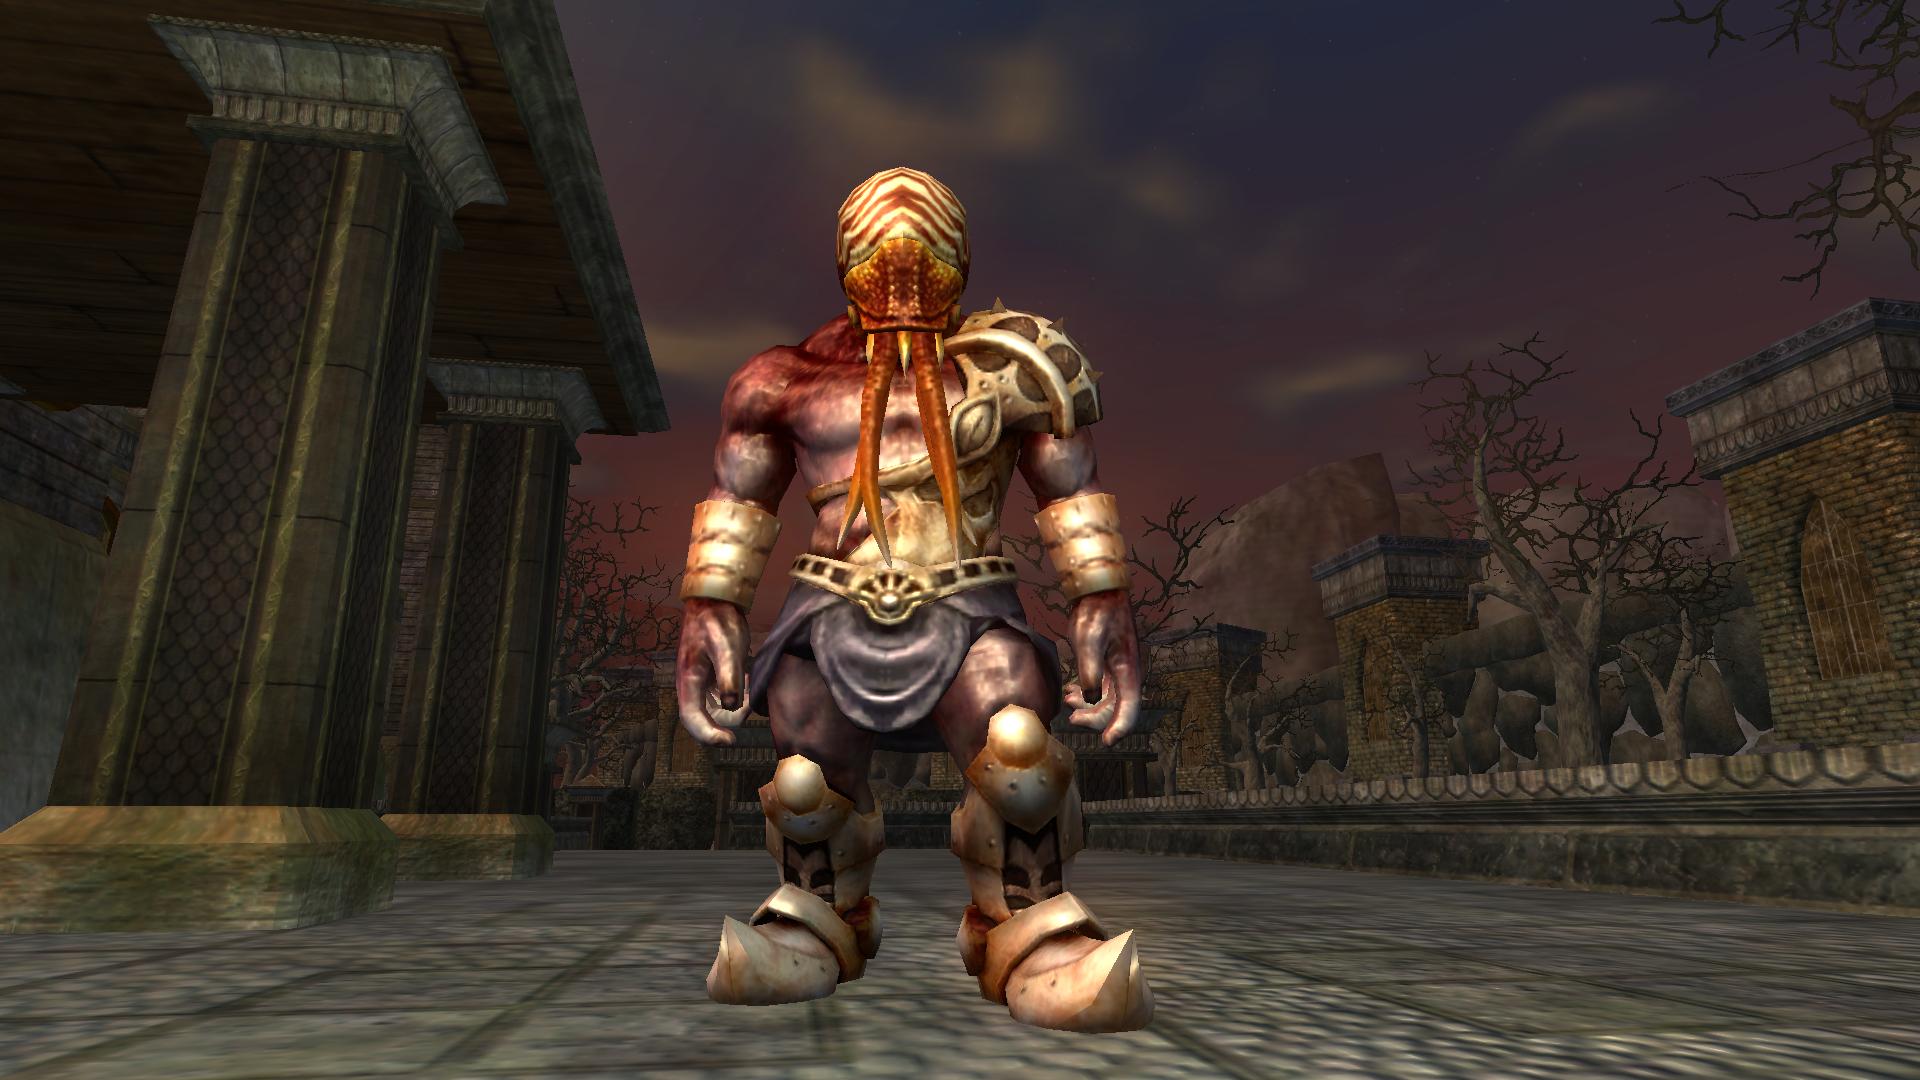 Category:Fury Mercenary | EverQuest 2 Wiki | FANDOM powered by Wikia